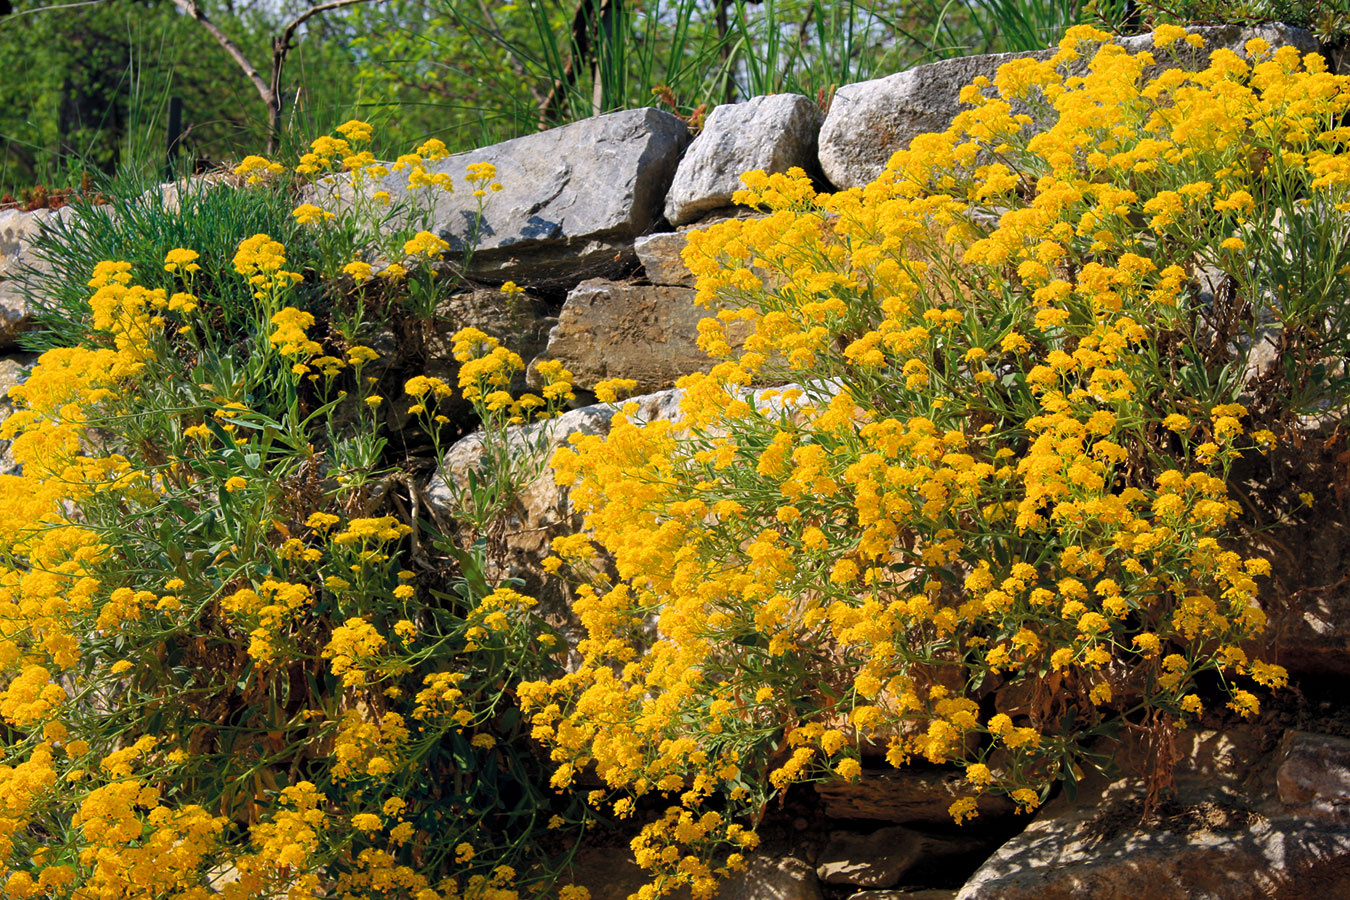 Pozemok na svahu môže byť skvelou príležitosťou na vytvorenie múrika, ktorý môže i nemusí byť priechodný. Mal by pozostávať z jedného druhu kameňa, ktorý sa prirodzene nachádza v blízkom okolí. Nie je potrebné vysádzať ho množstvom rôznych rastlinných druhov – vhodné sú skalničky alebo suchomilné rastliny, ktoré netreba zalievať či inak ošetrovať. Podľa možnosti voľte také, ktoré sú celoročne zaujímavé. Napríklad tarica skalná (Alyssum saxatile) múrik v jarnom období na pomerne dlhé obdobie rozžiari množstvom žltých súkvetí a po odkvitnutí je príťažlivá vďaka striebristému olisteniu. Neprekáža jej slnko, teplo ani vietor avponuke nájdete mnohé zaujímavé kultivary. Efekt znásobíte vysadením viacerých jedincov.